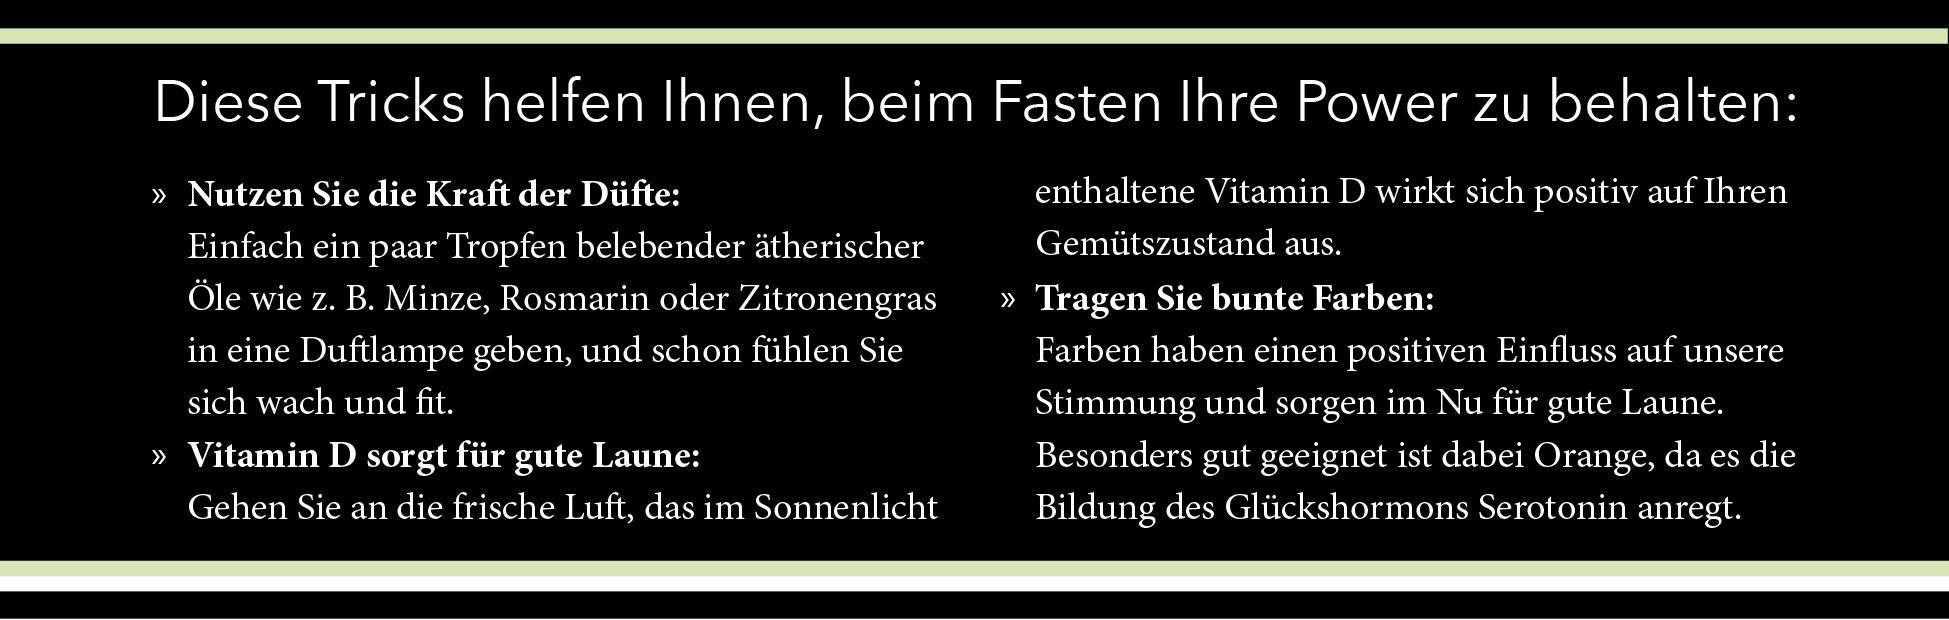 Fasten-Tipps